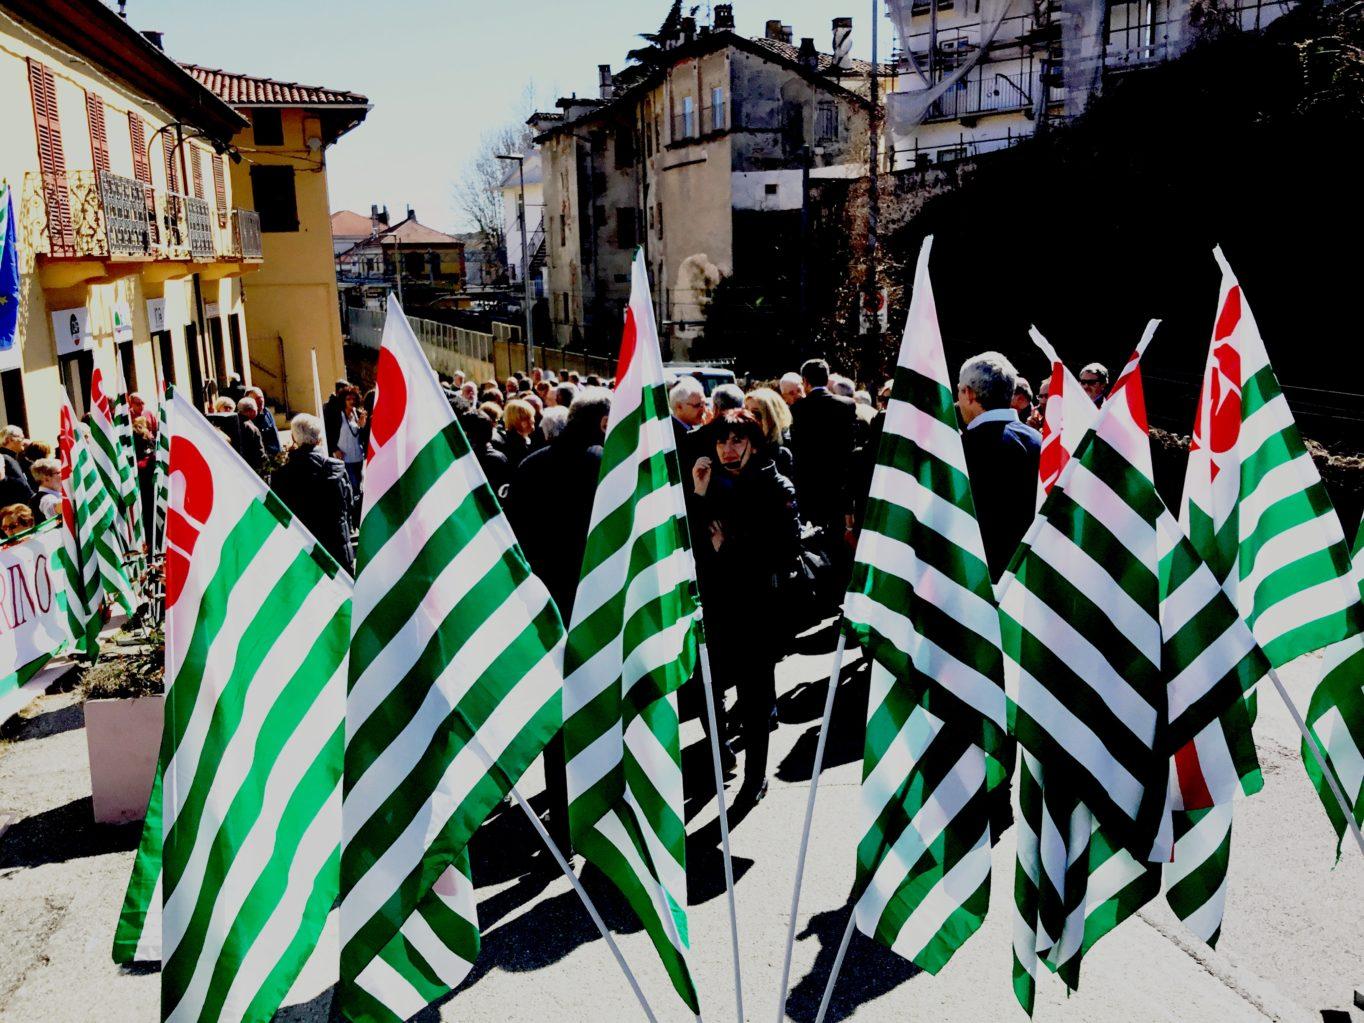 Foto in ricordo di Leone Spiccia, storico attivista della Fim Cisl alla Fiat Mirafiori